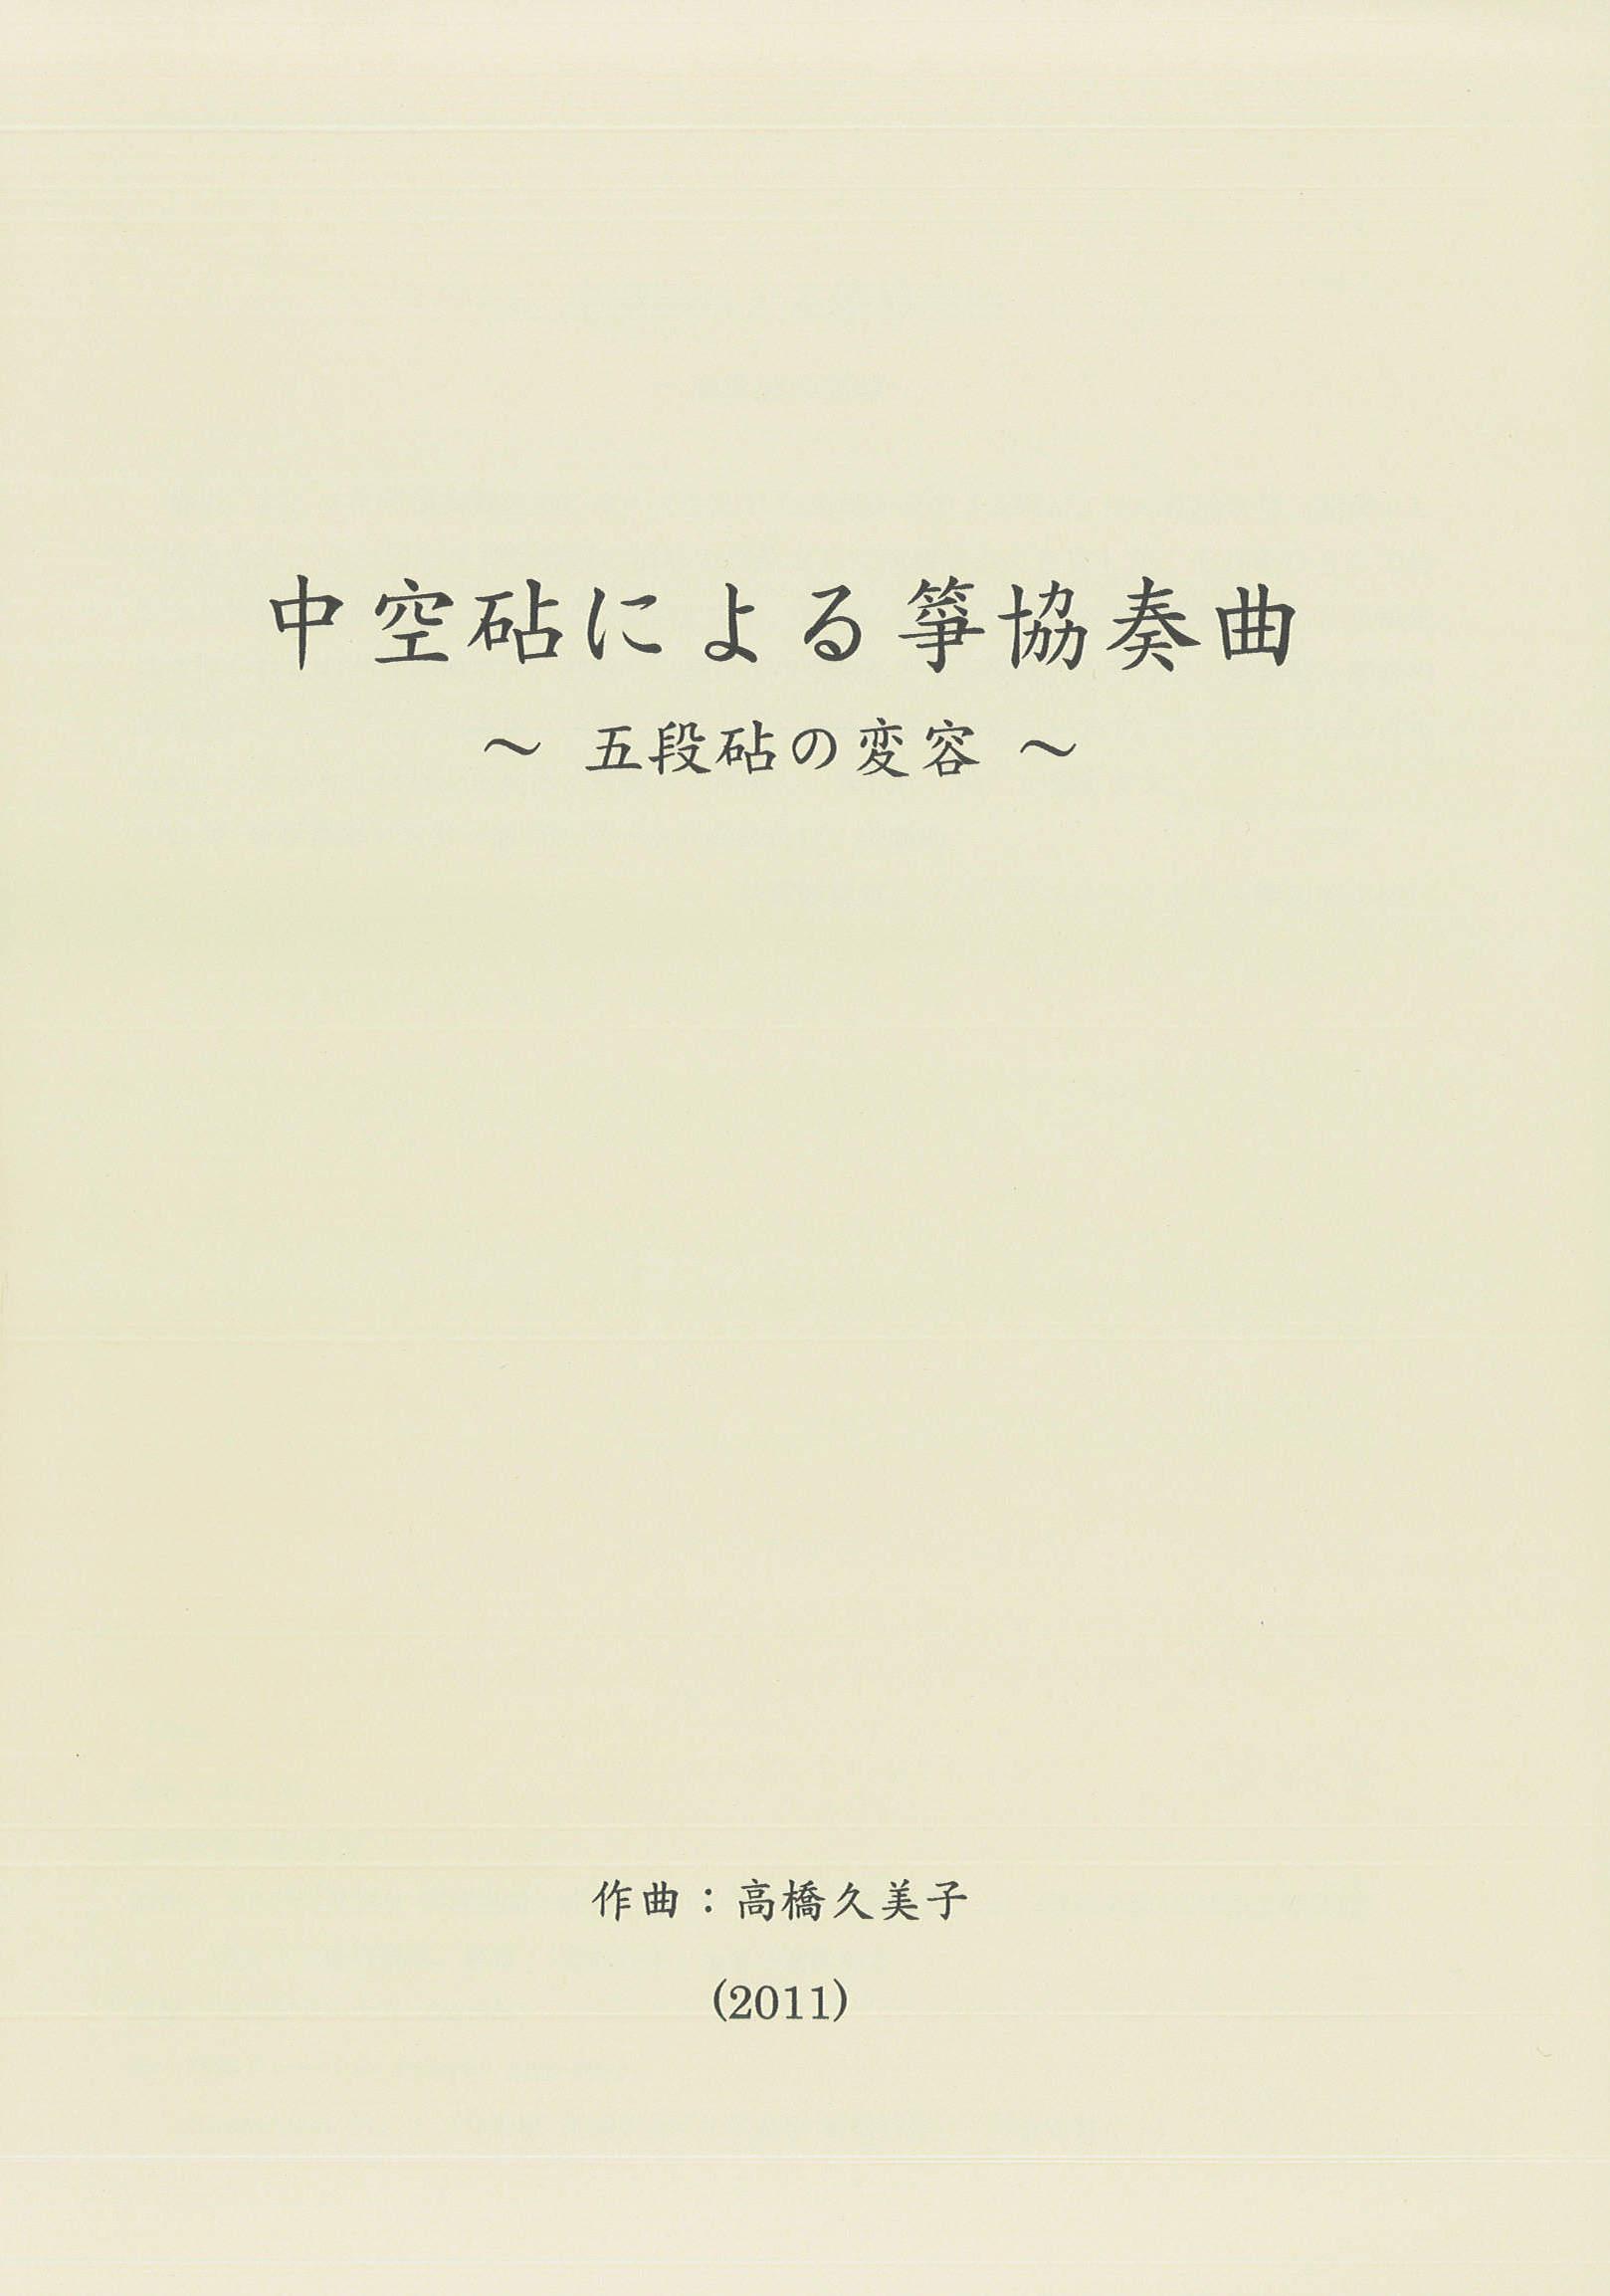 楽譜 中空砧による箏協奏曲〜五段砧の変容(五線譜)[5532]